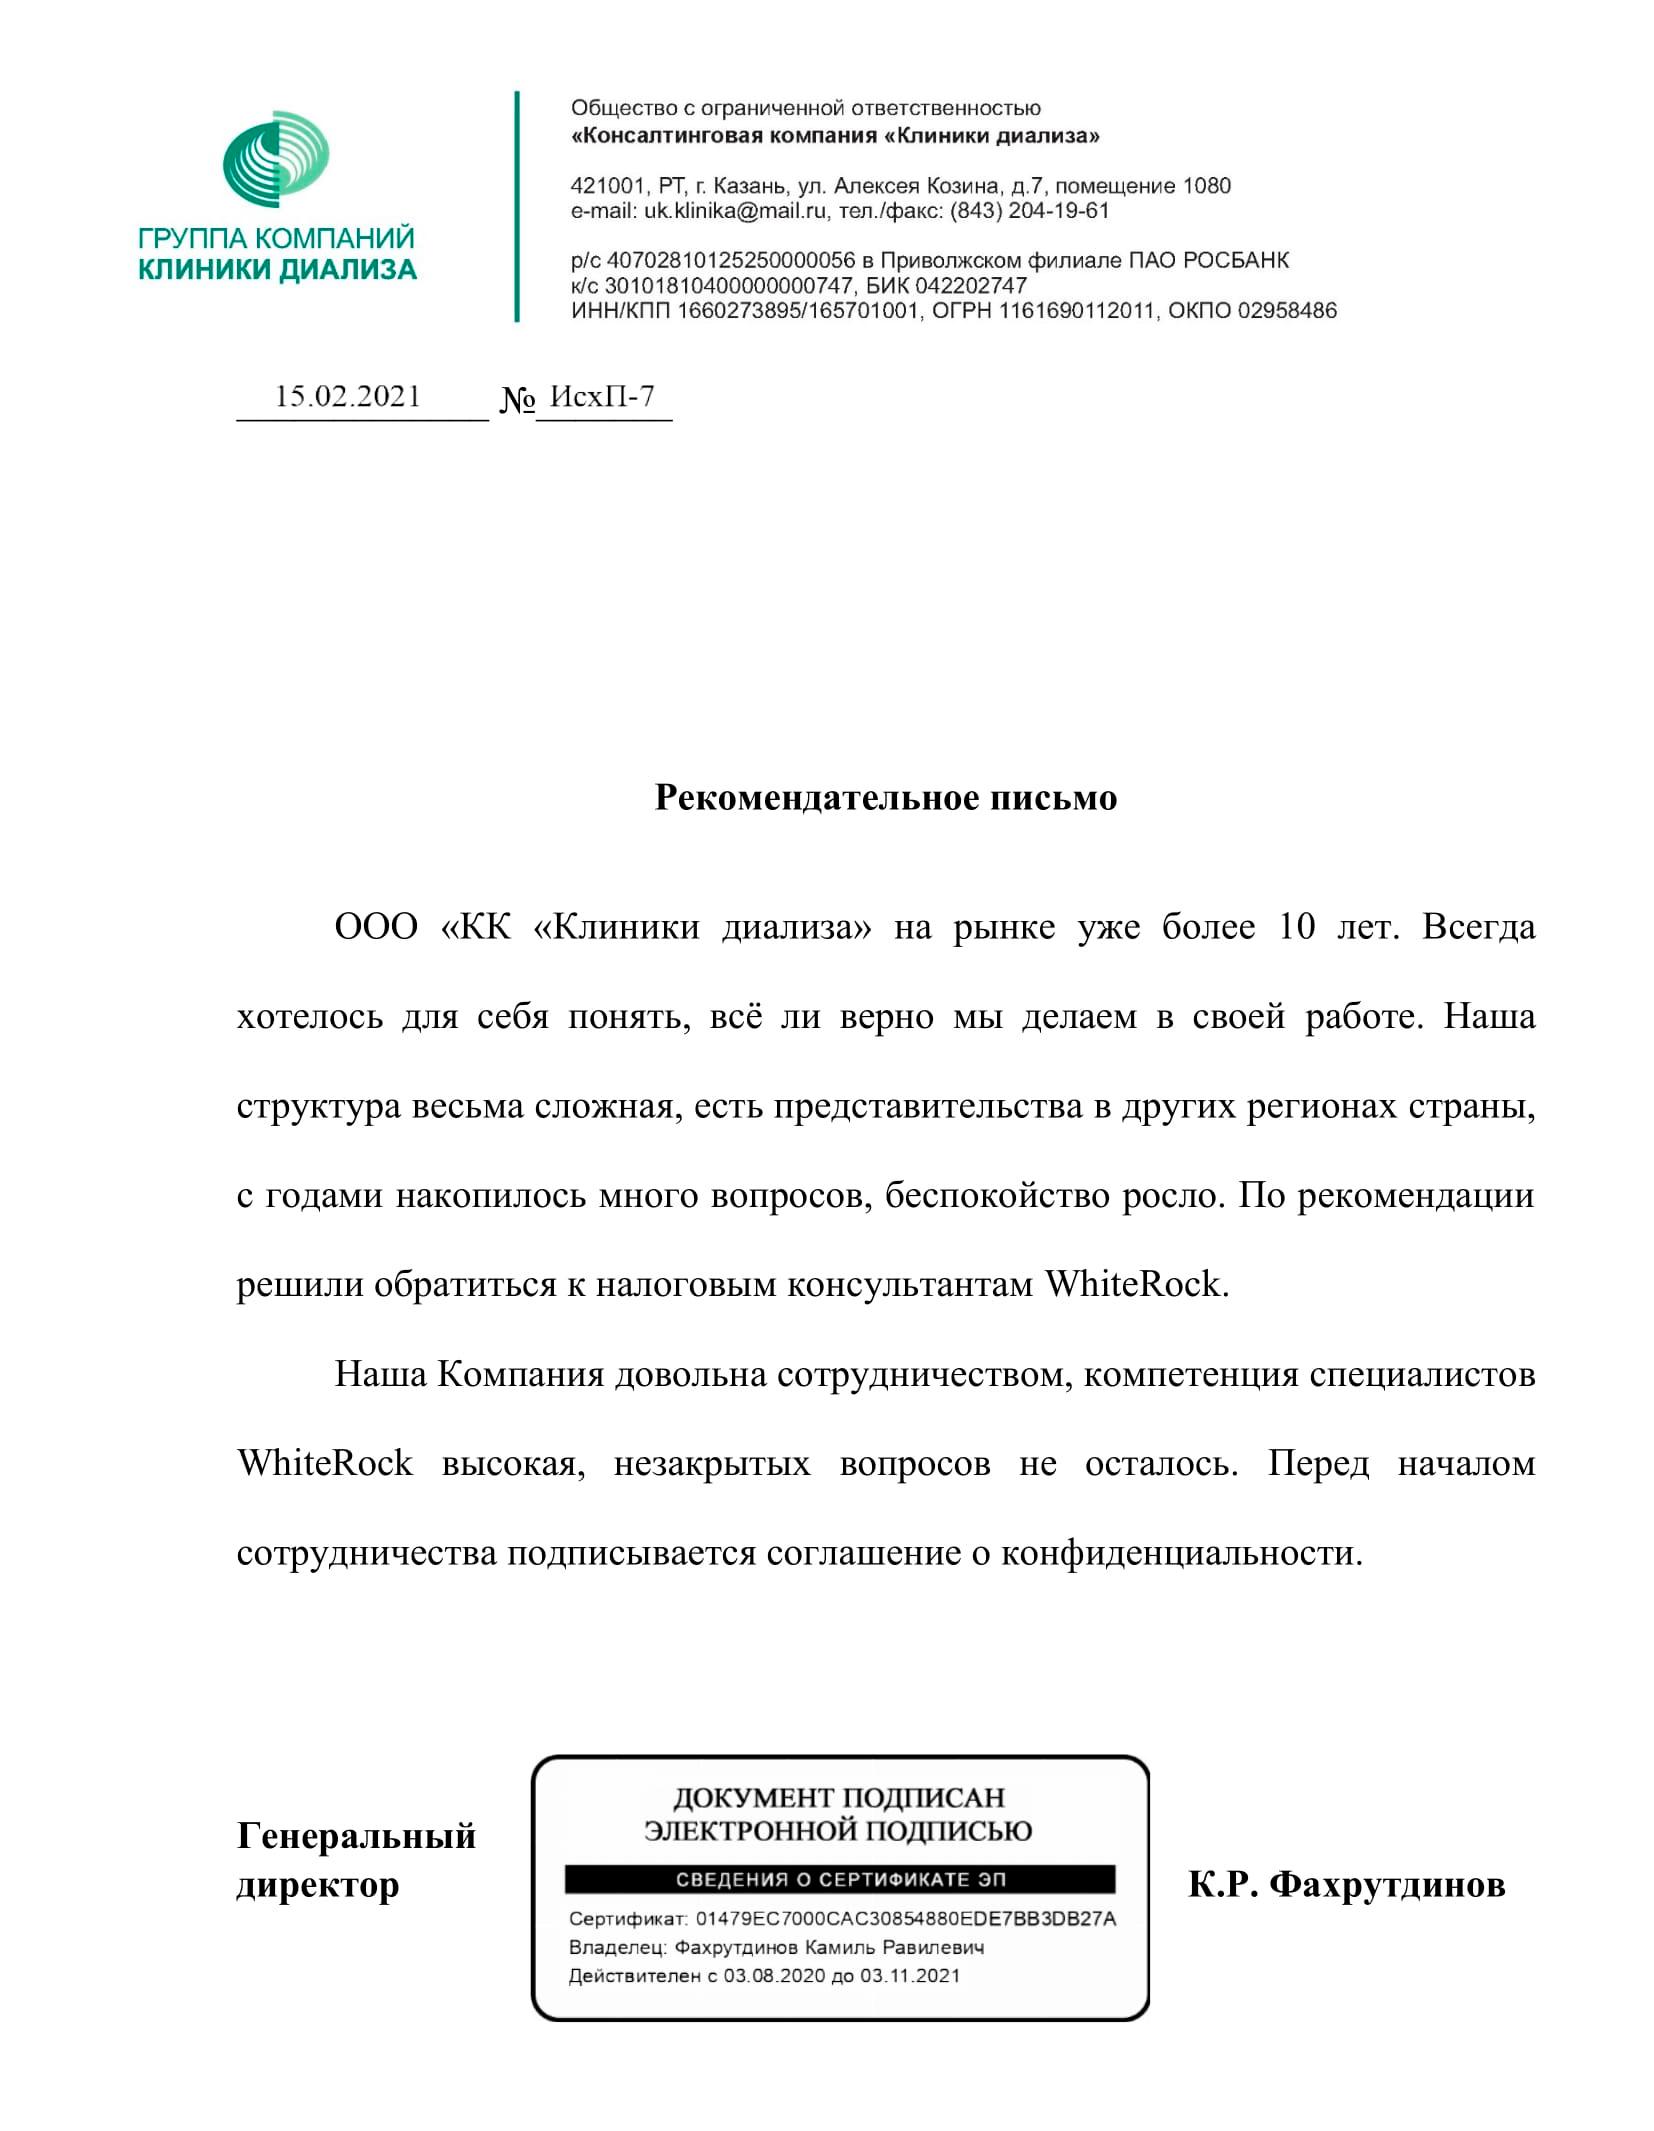 Фахрутдинов К.Р. - фото